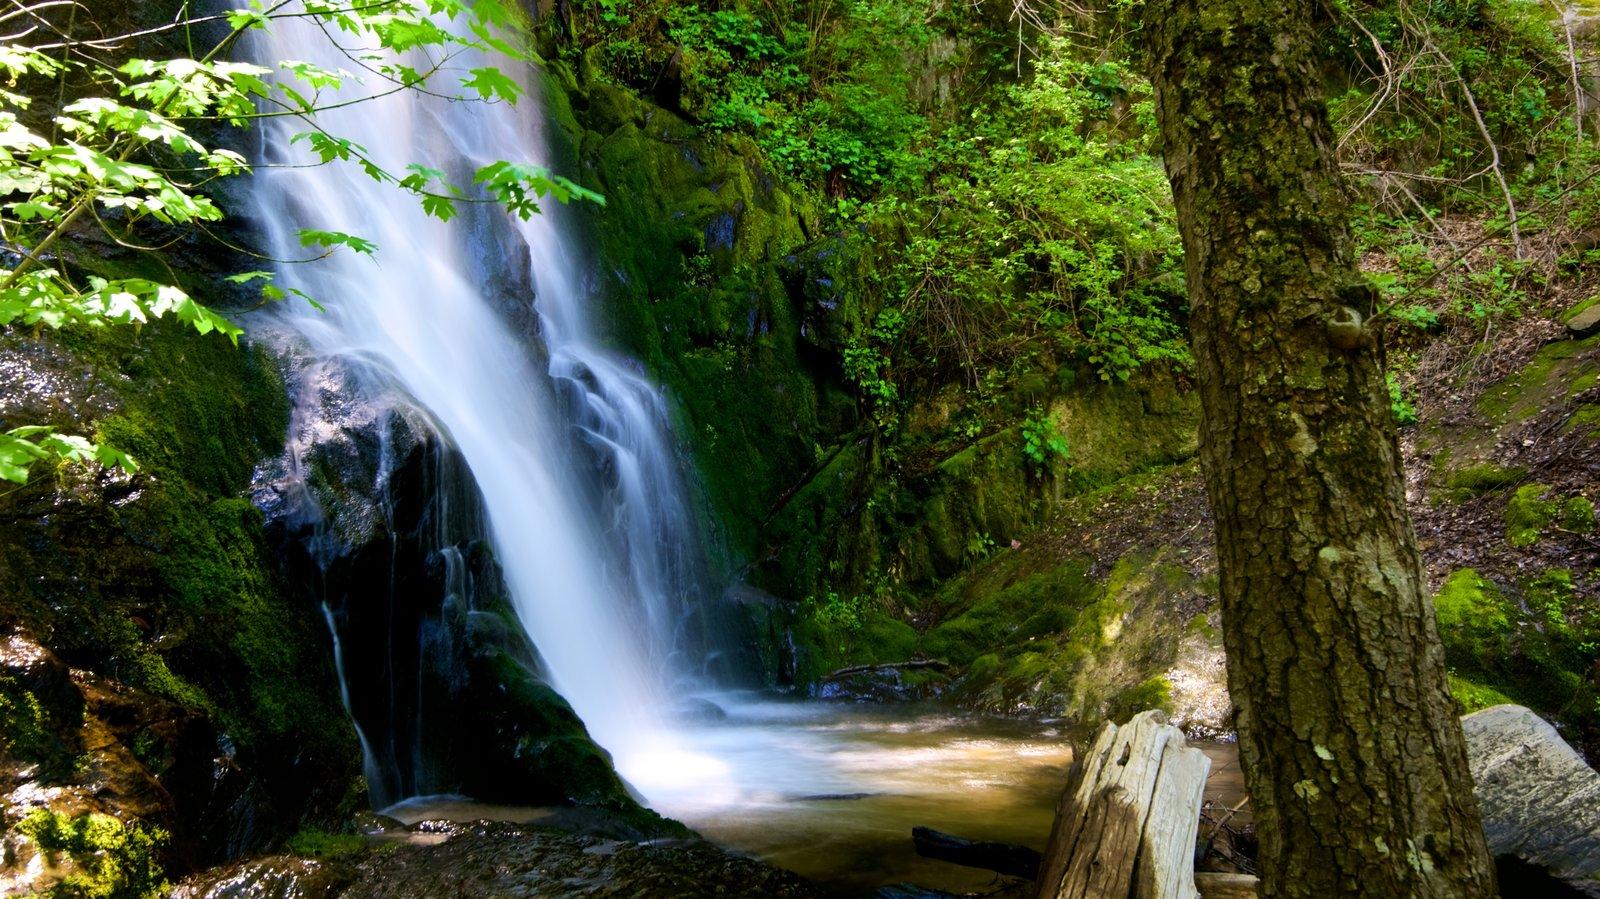 Sequoia National Park mostrando uma cachoeira